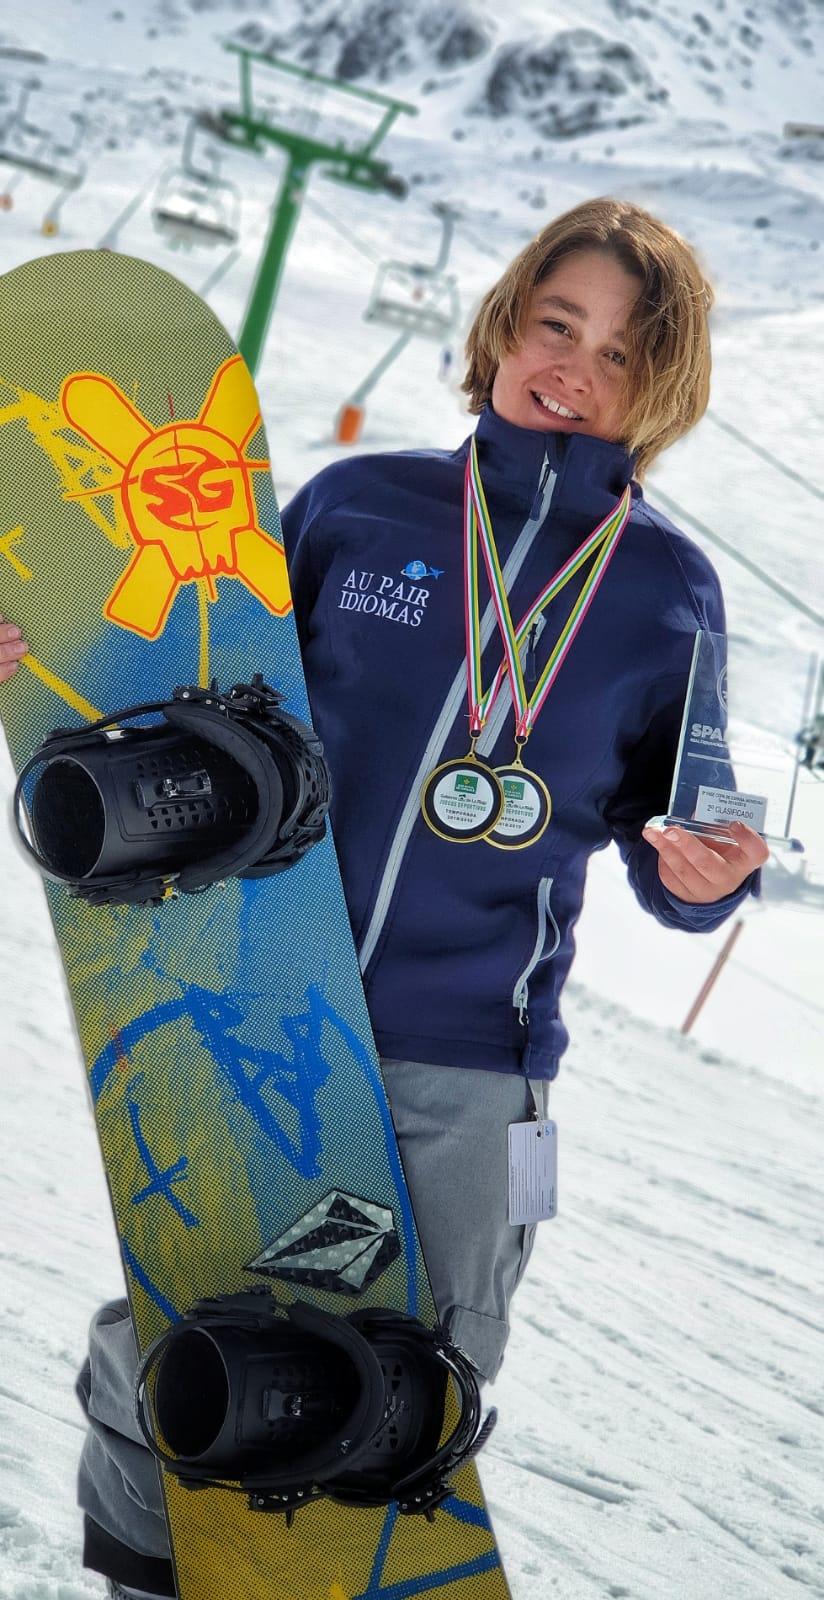 Samuel Capellán se corona campeón de La Rioja benjamín de Snowboard y Alpino 2